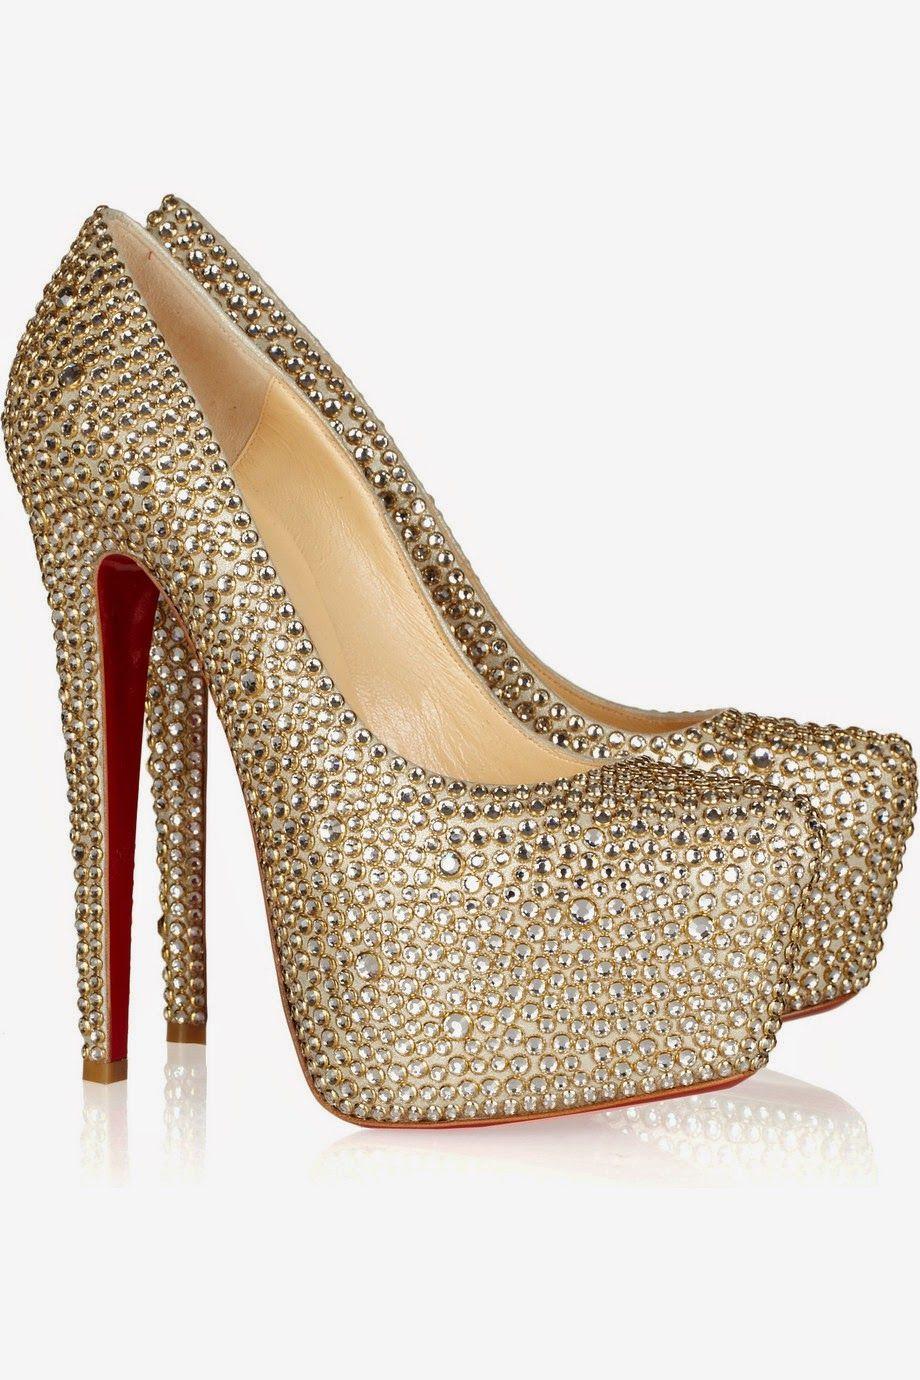 7702bc8920af3 Hermosos zapatos de Quinceañeras